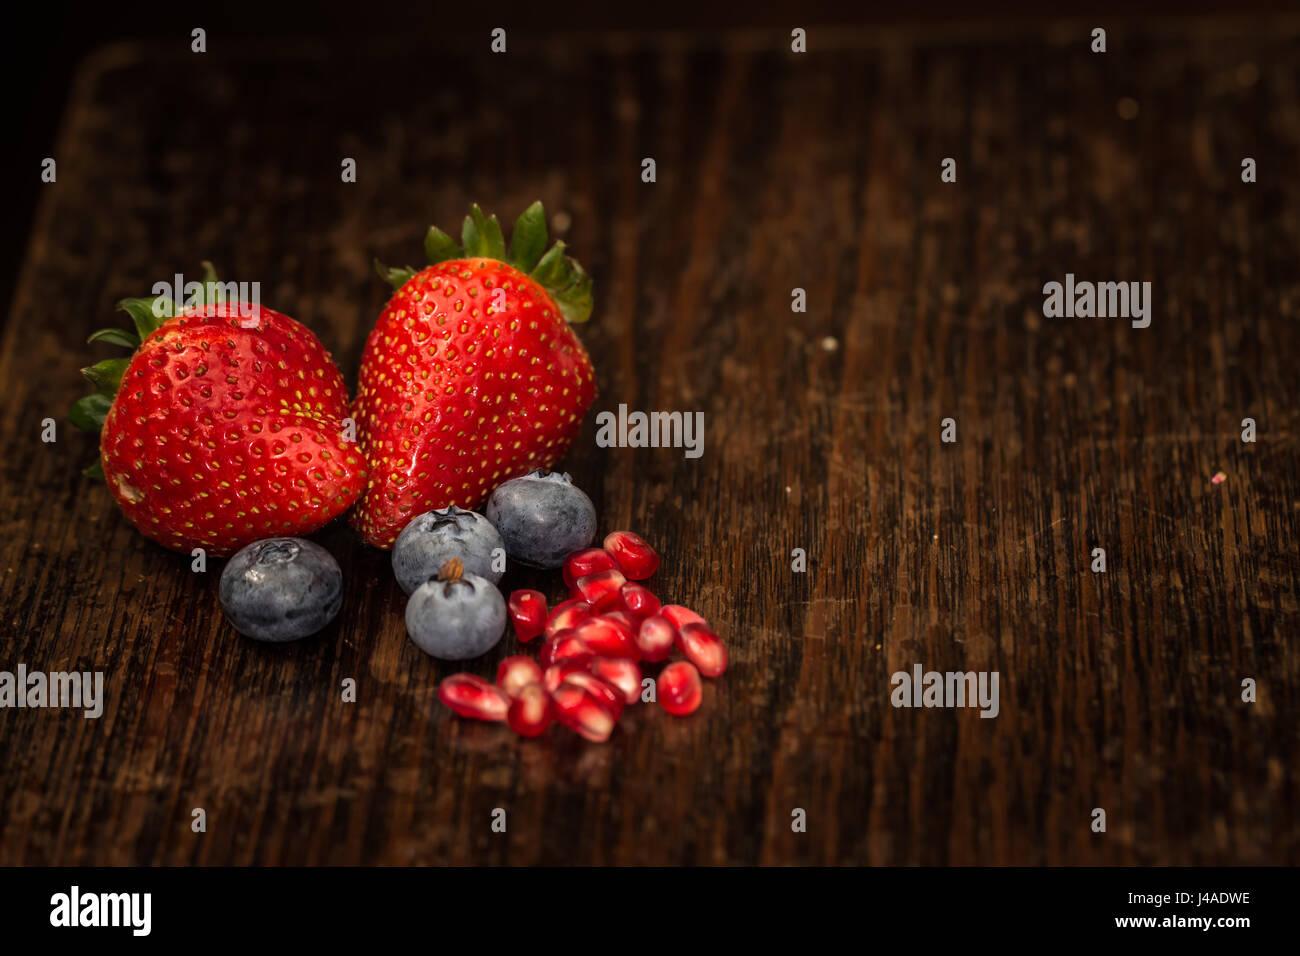 Granja de fresas recién recogido bayas azul closeup con semillas de granada con espacio de copia Imagen De Stock